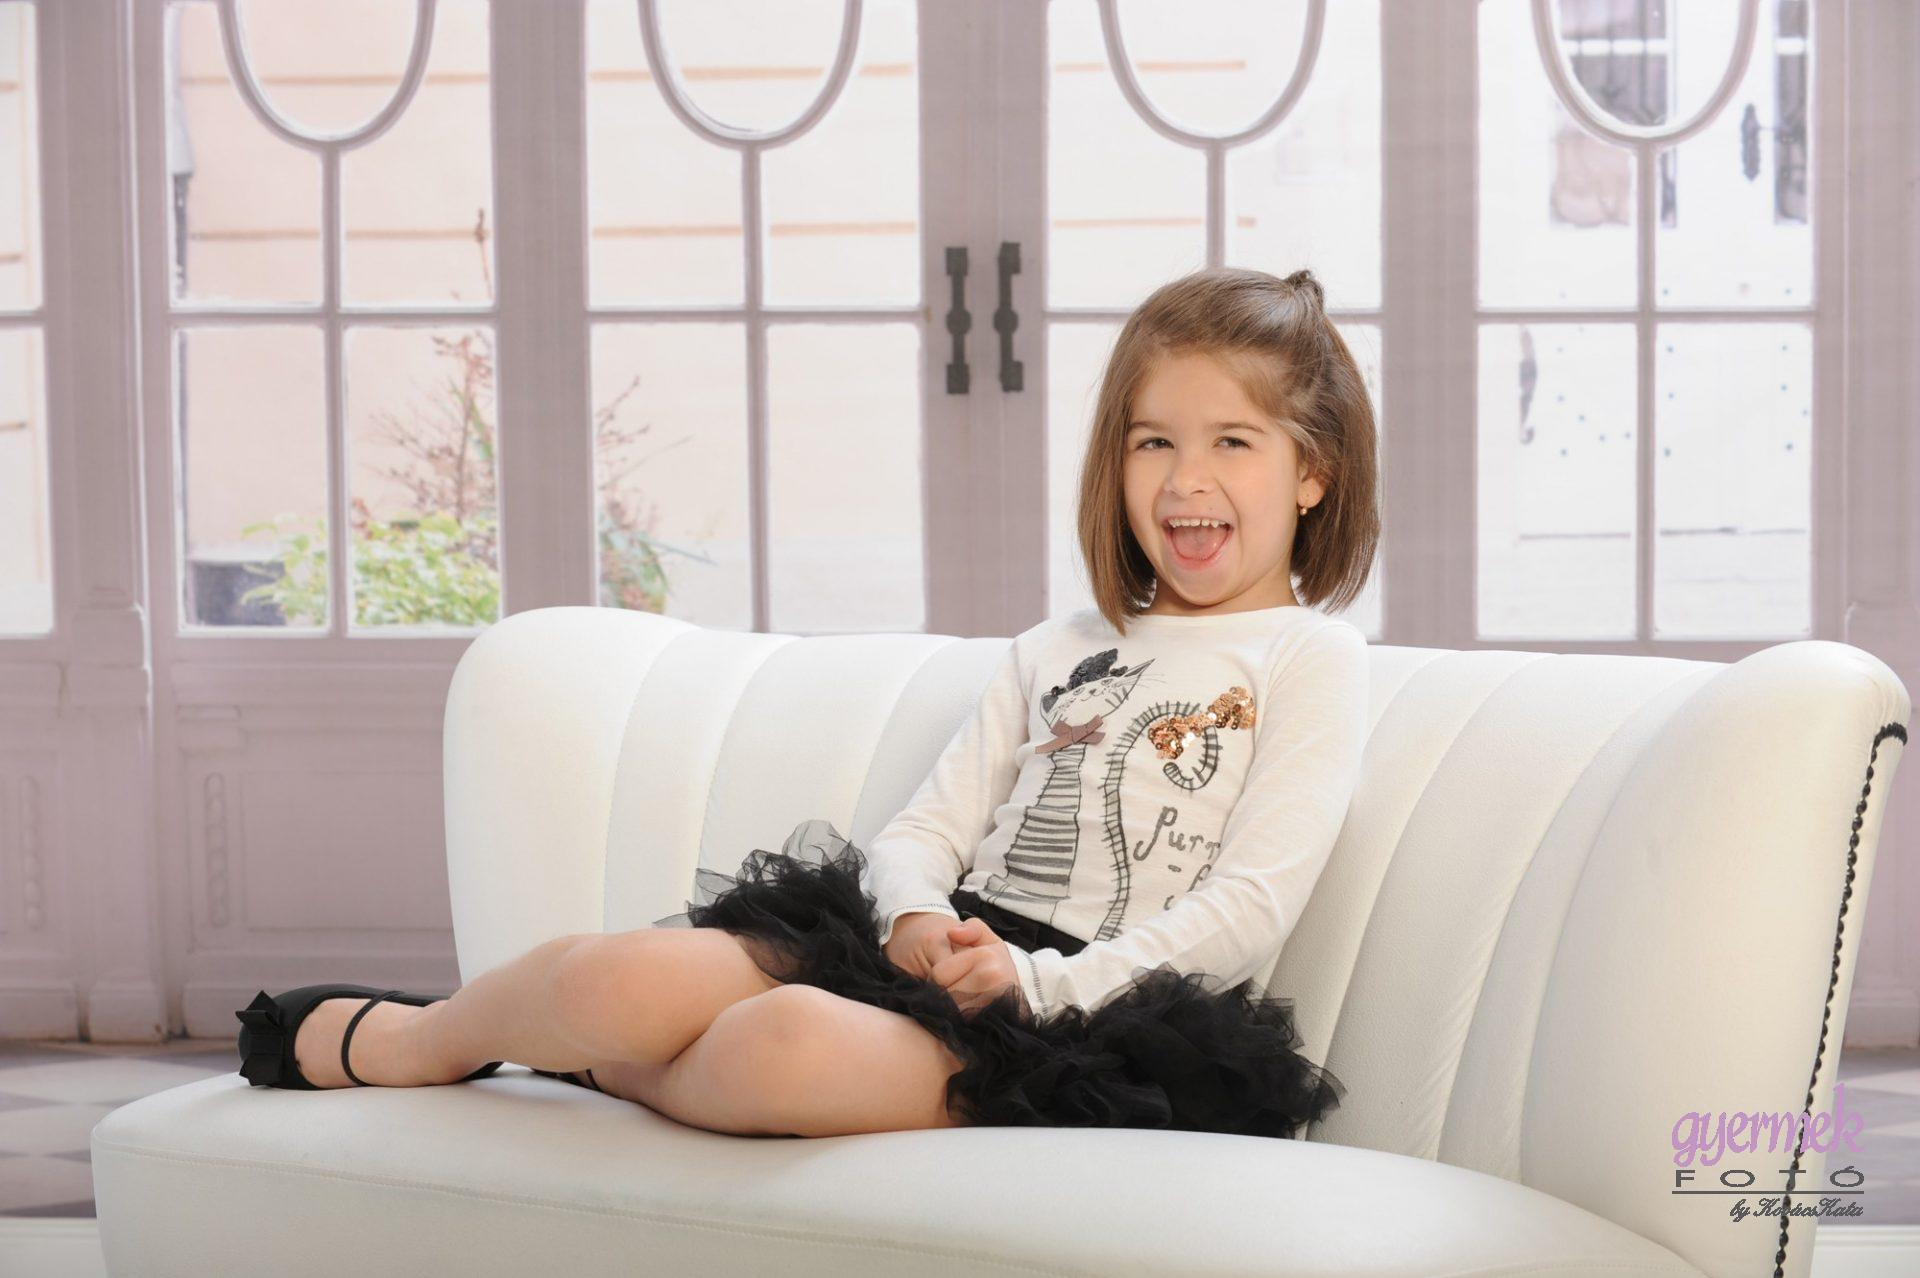 gyermek és tini fotózás